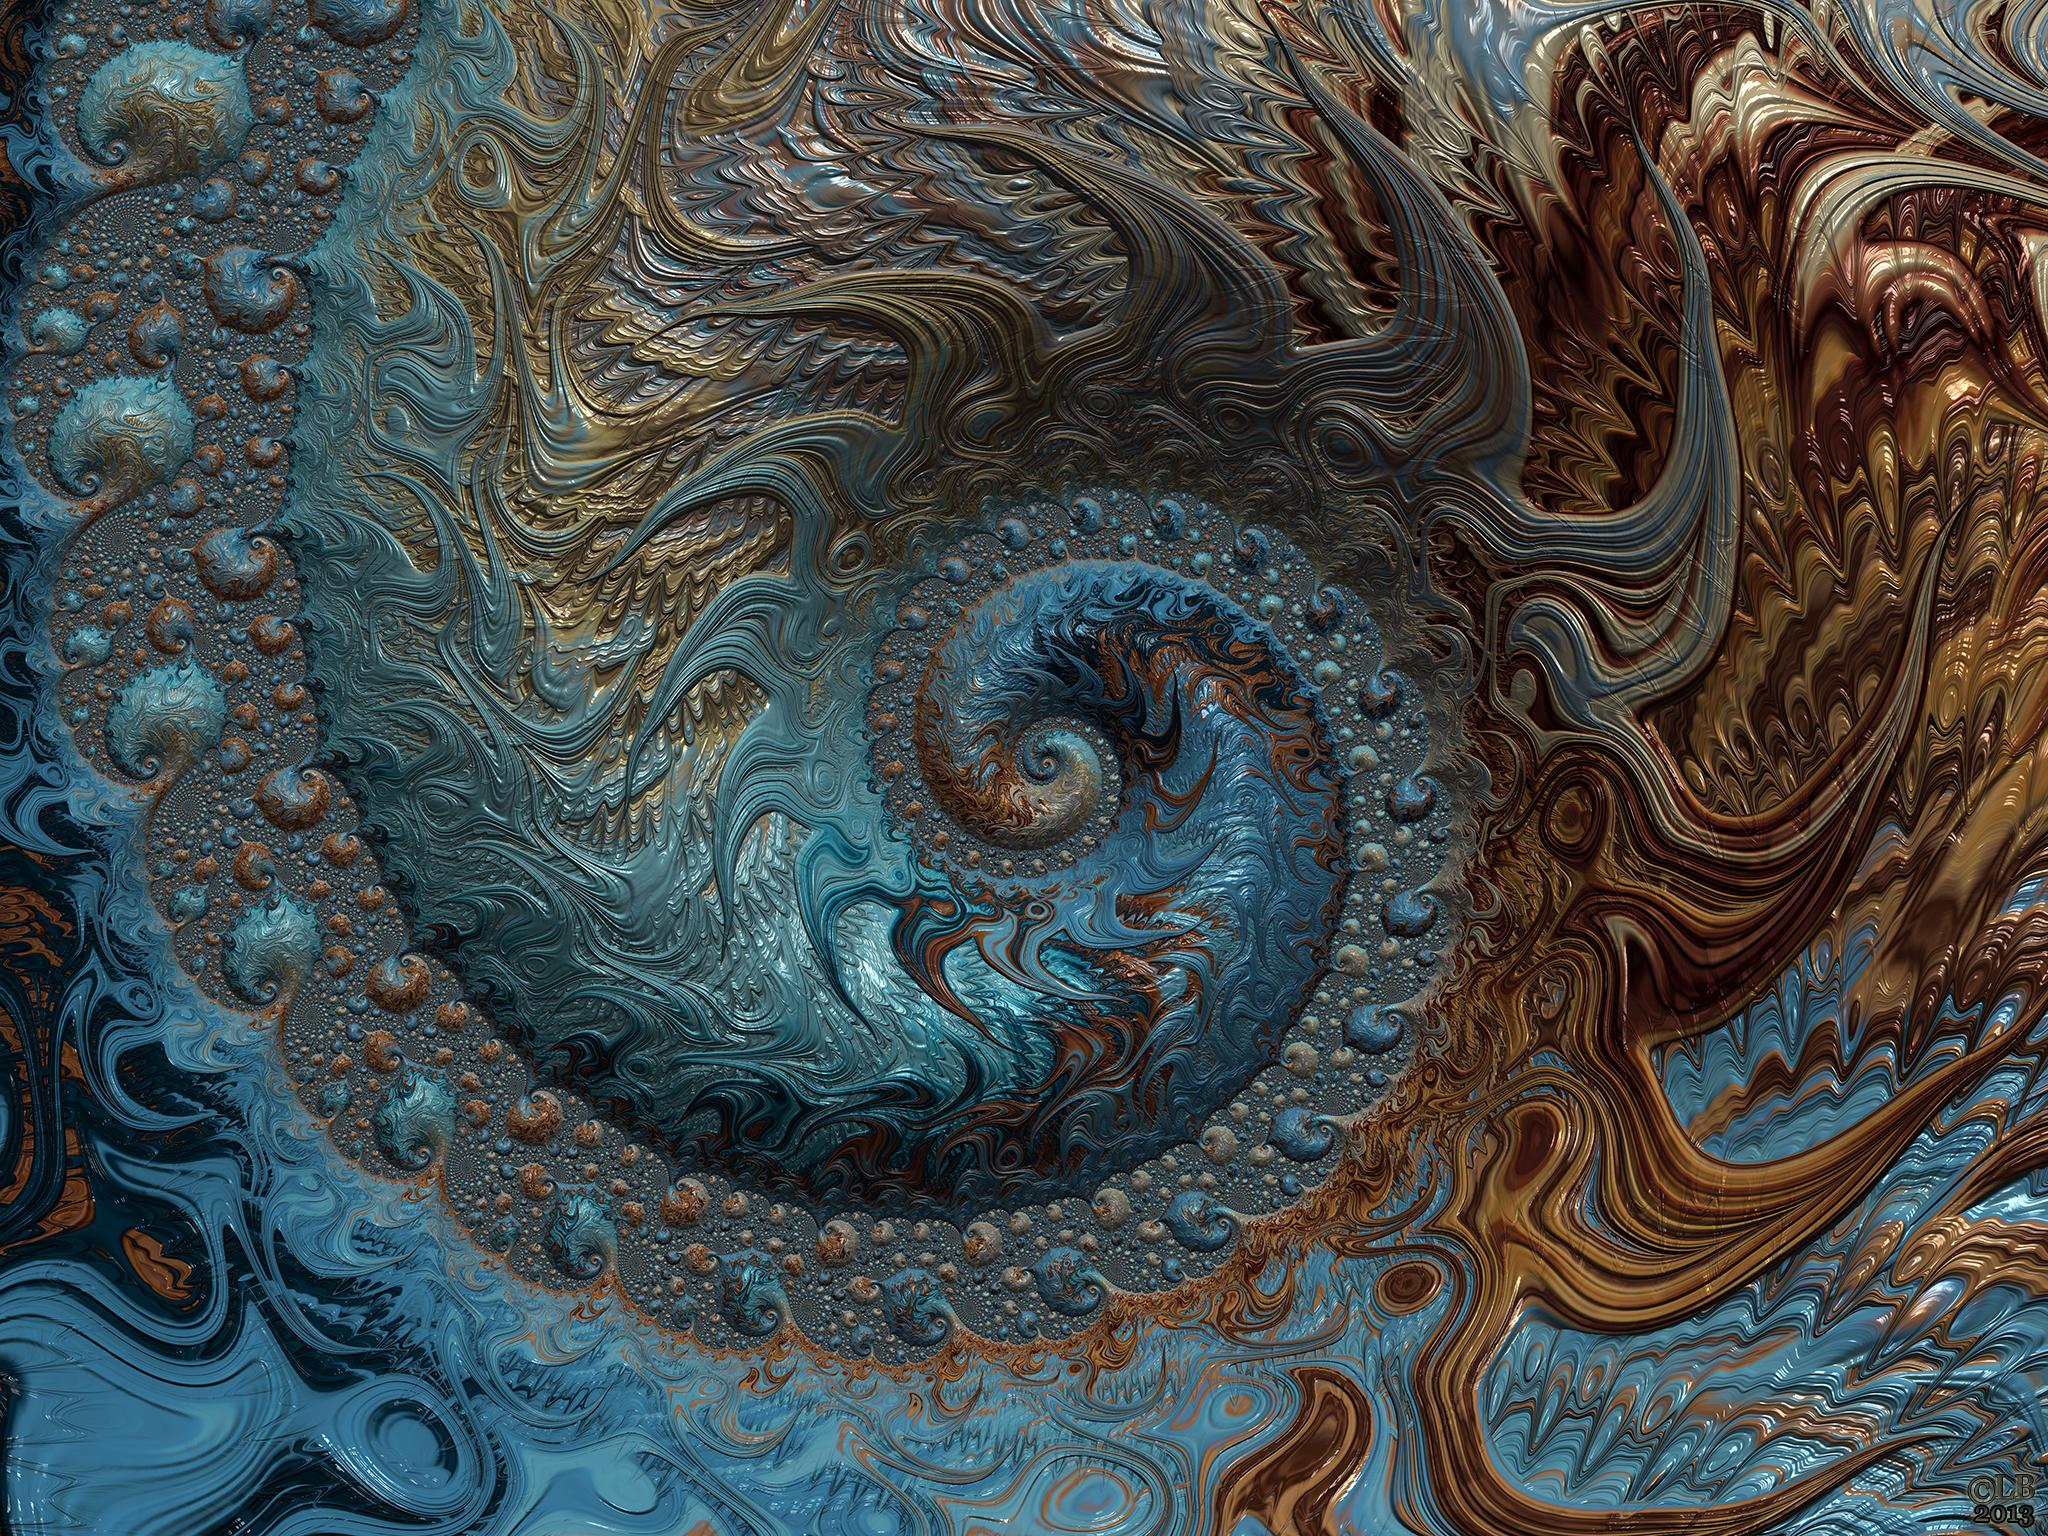 Not so blue by Aqualoop31